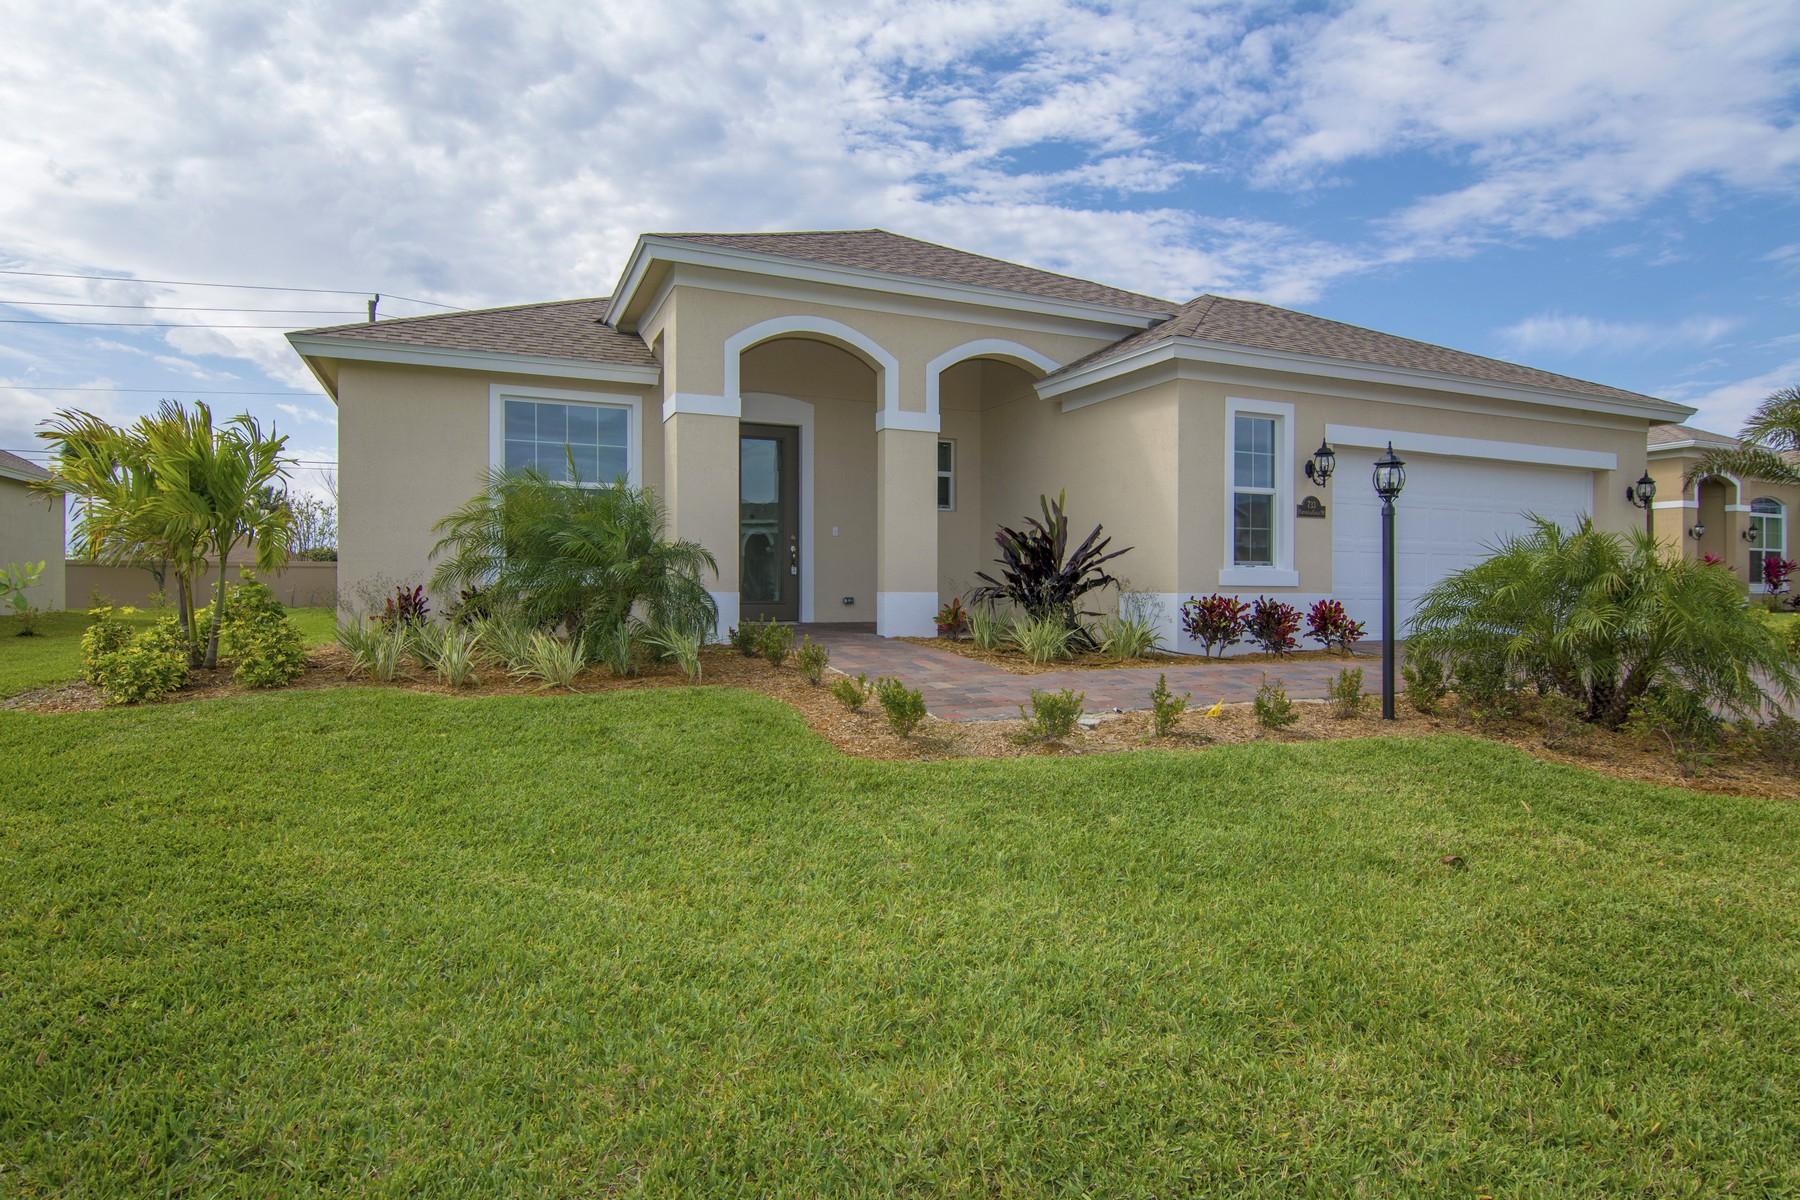 Частный односемейный дом для того Продажа на New Construction with No Wait! GHO Closeout! 733 Fortunella Circle SW, Vero Beach, Флорида, 32968 Соединенные Штаты